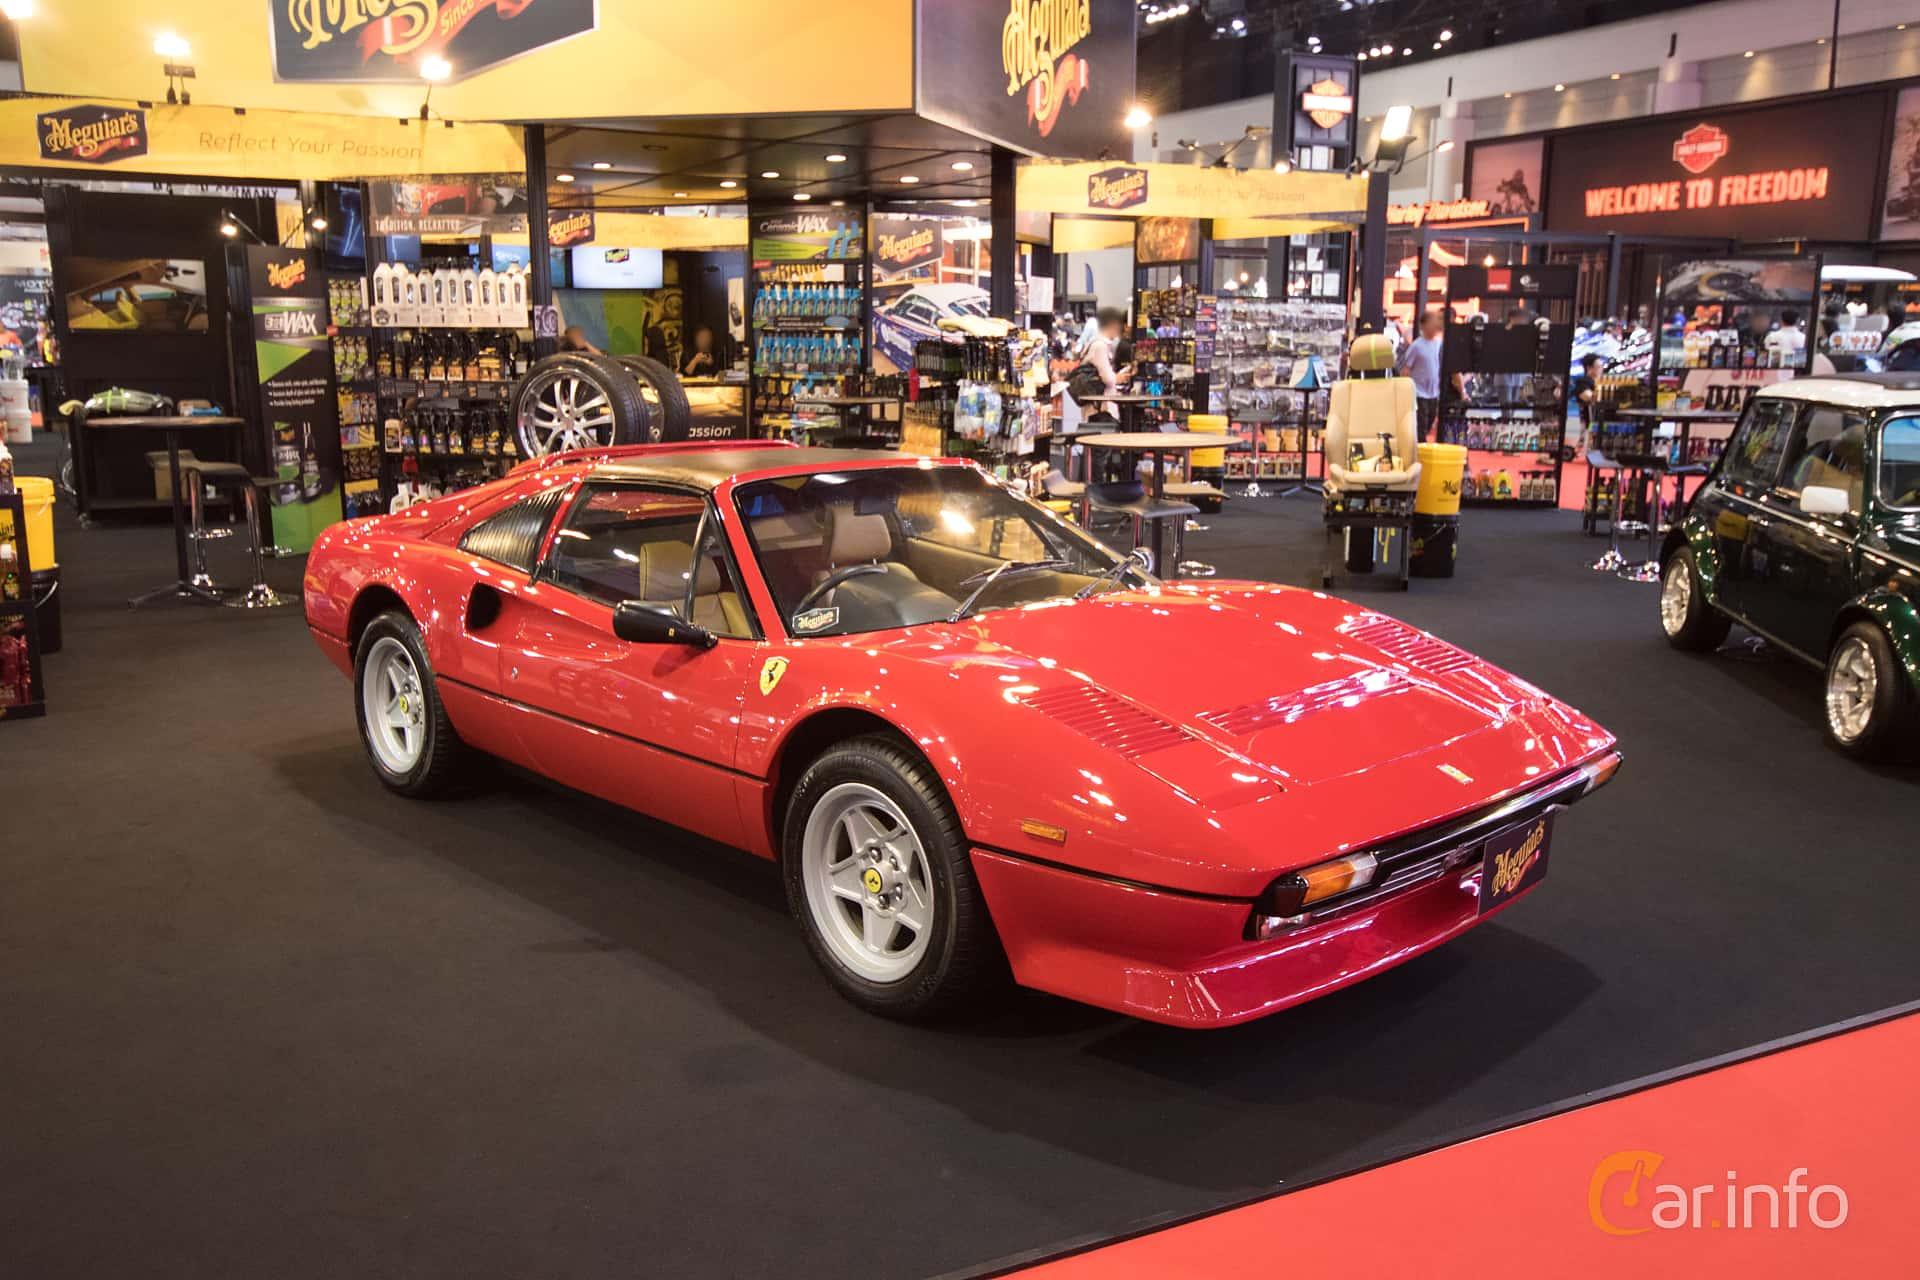 Ferrari 308 GTB 2.9 V8 Manual, 255hp, 1975 at Bangkok Motor Show 2019